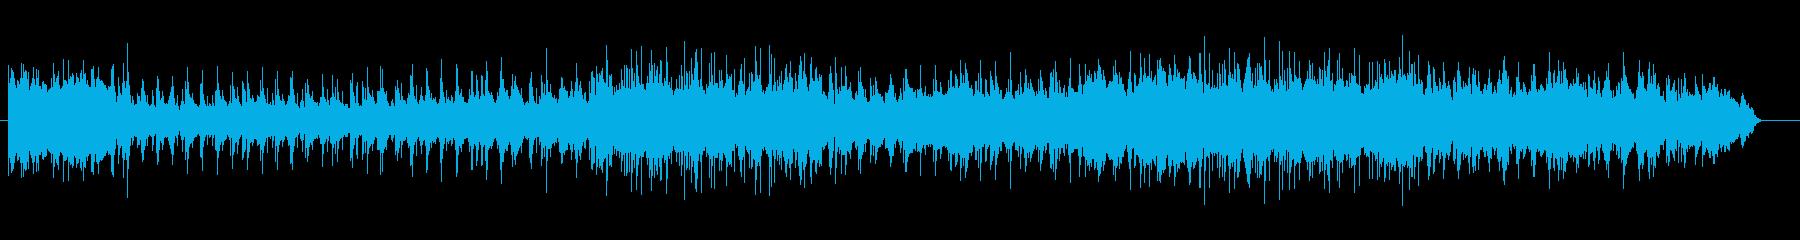 白銀のヨーロピアンポップス(映画音楽風)の再生済みの波形